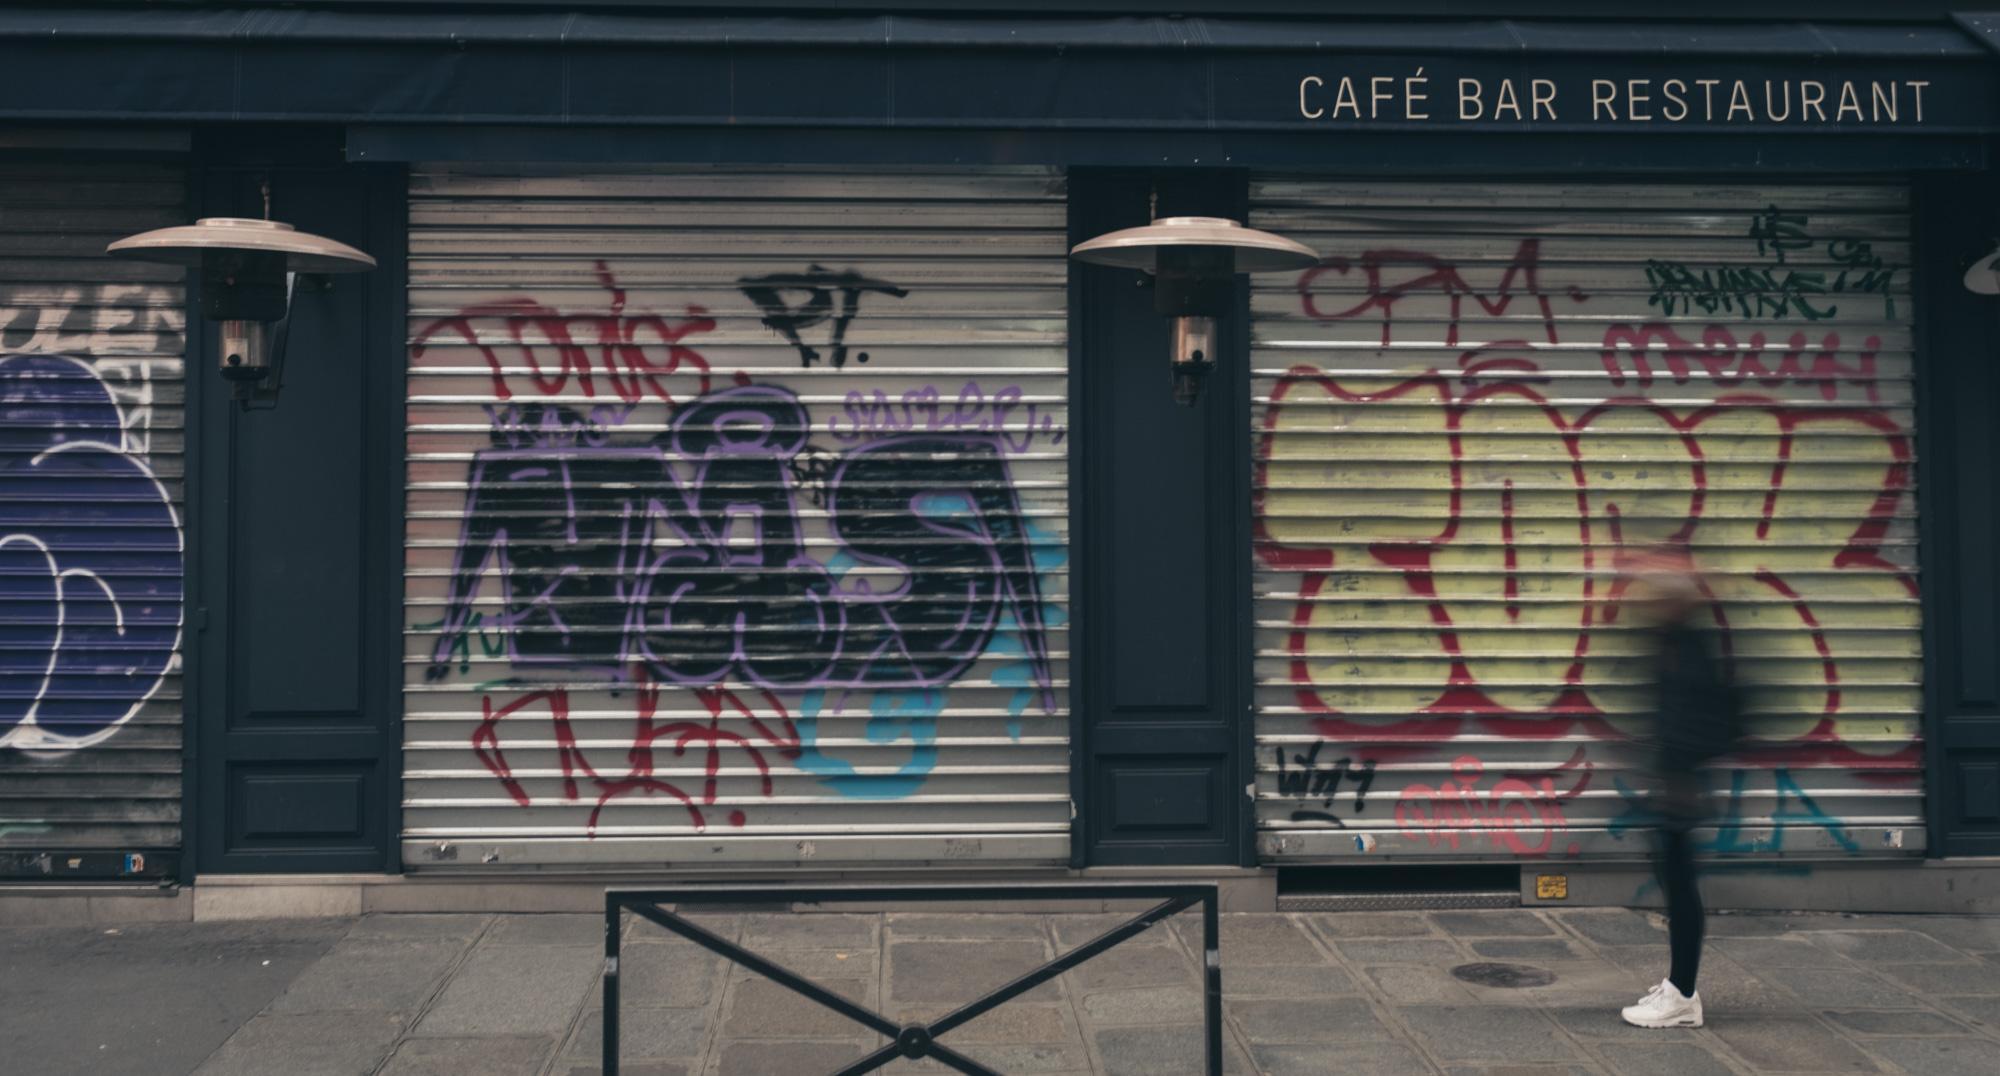 Le Richer - Boulevard Poissonnière. Covid side effects in Paris.